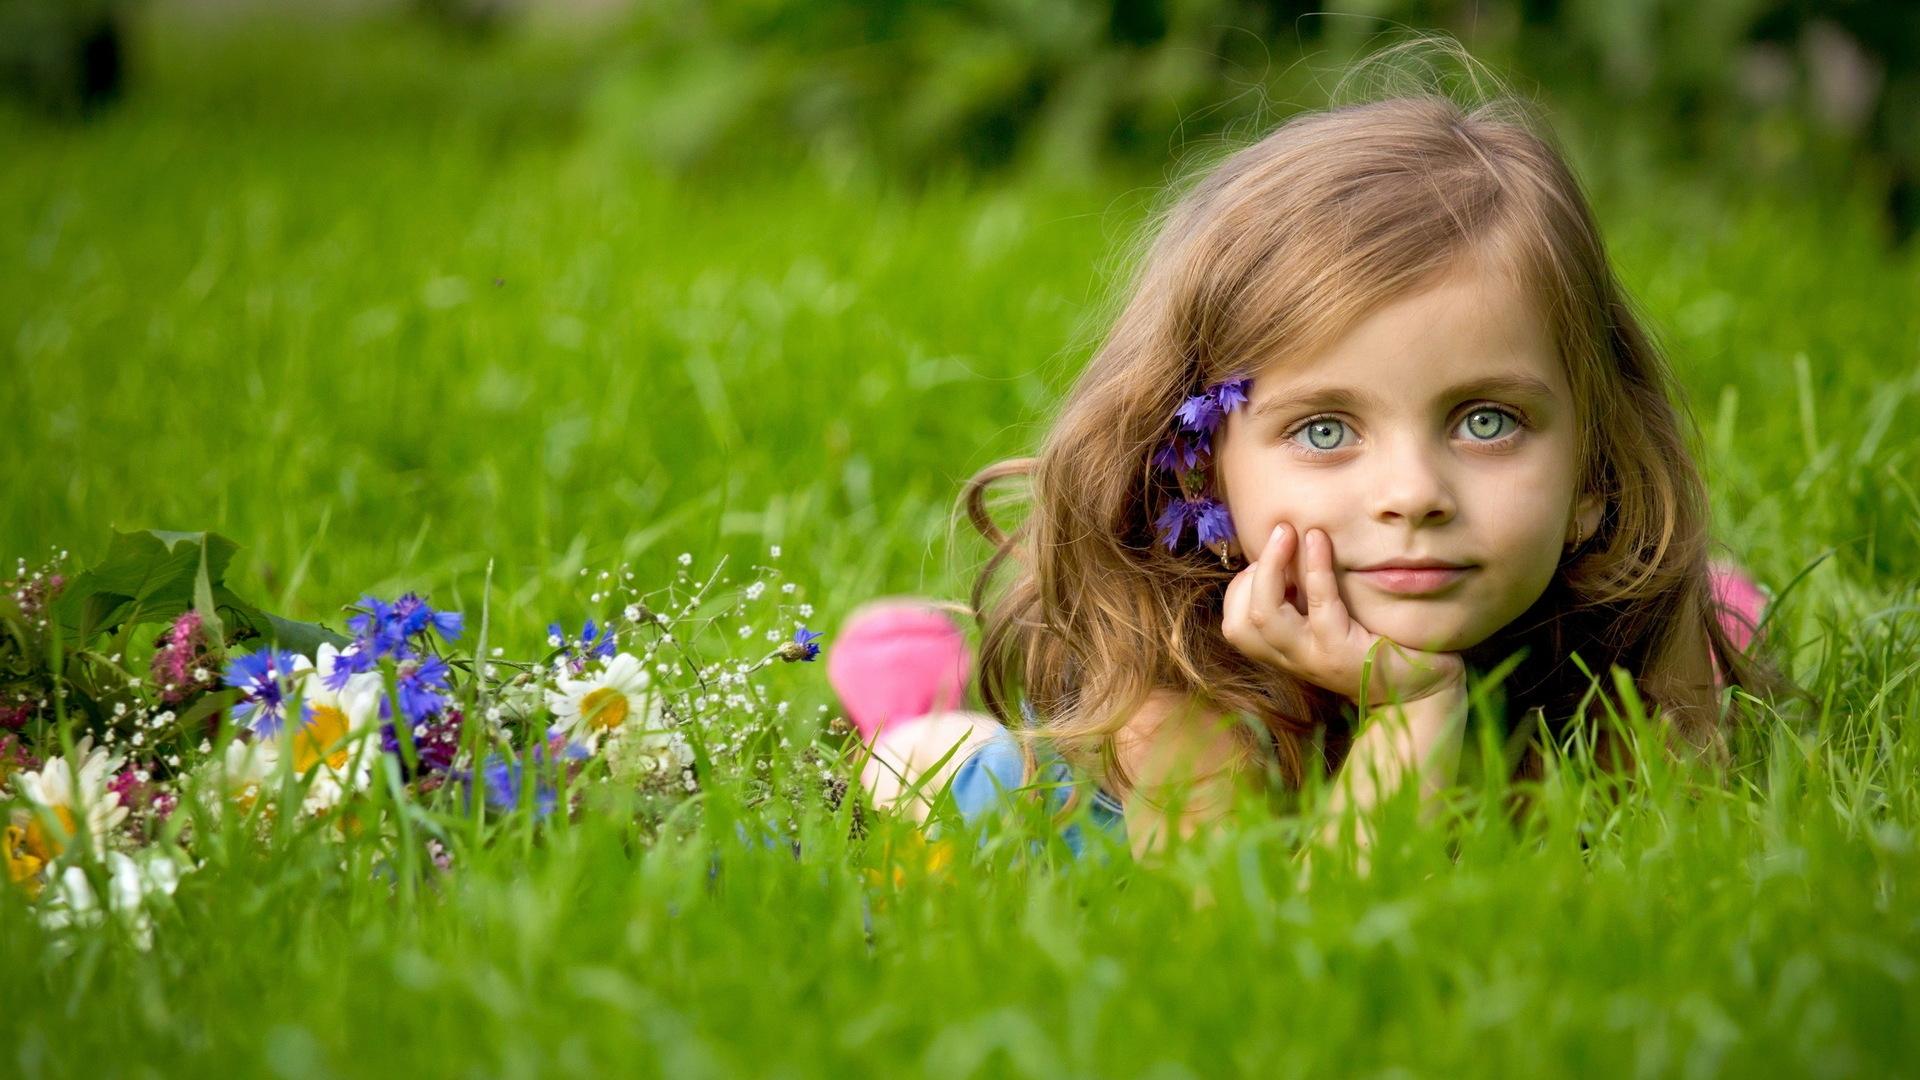 Фото для девочек из картинок